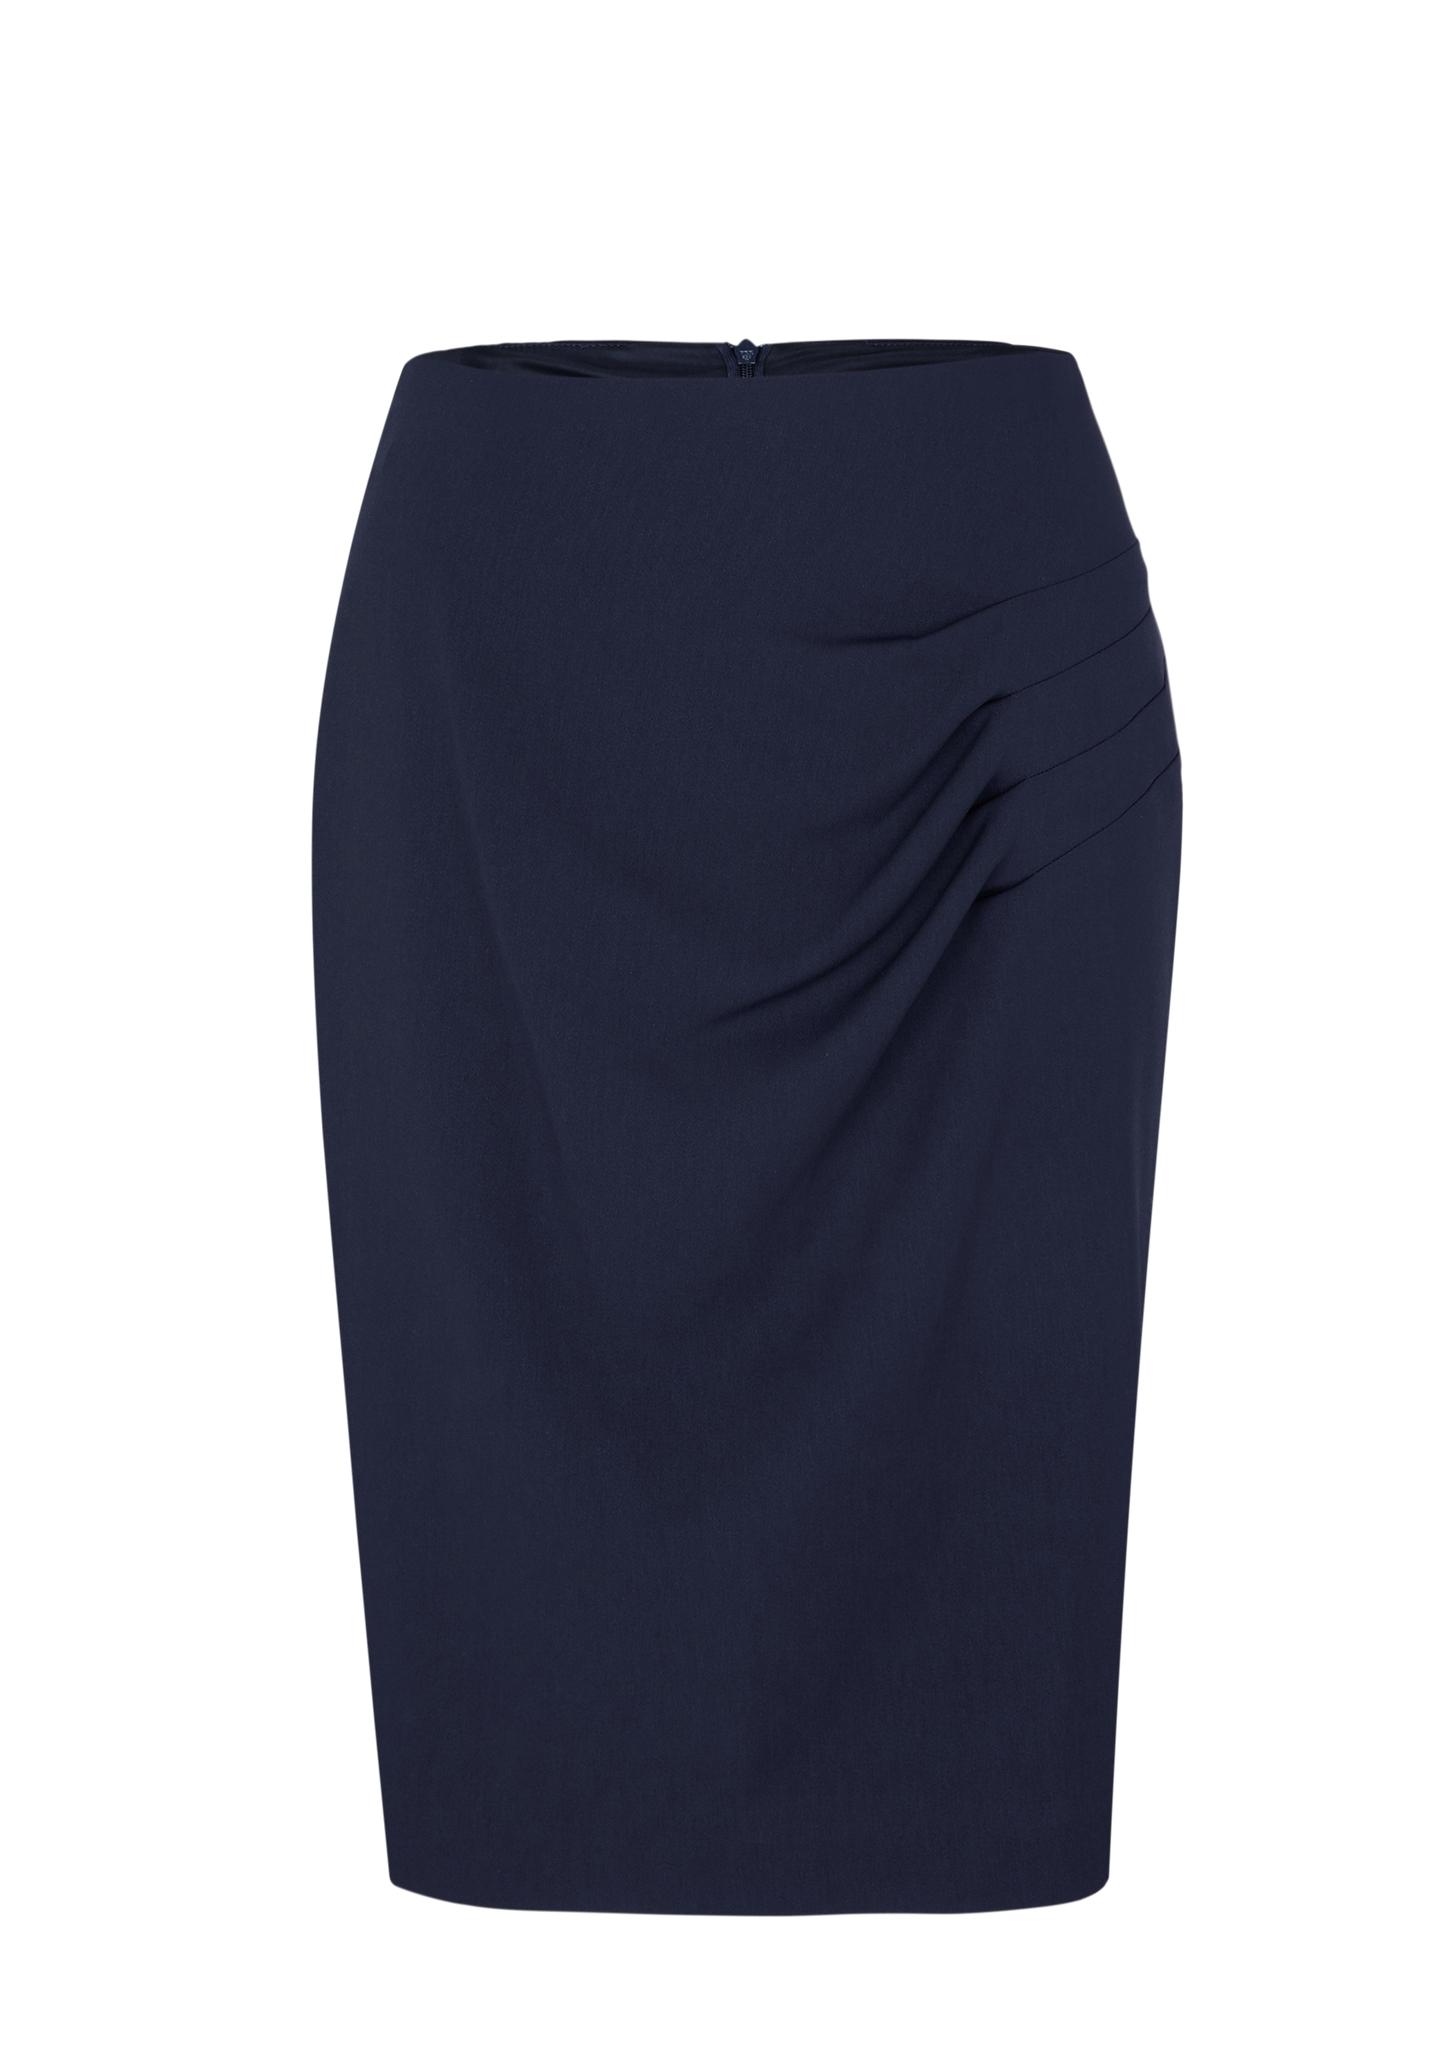 Faltenrock | Bekleidung > Röcke > Faltenröcke | Blau | Obermaterial 98% polyester -  2% elasthan| futter 100% polyester | s.Oliver BLACK LABEL